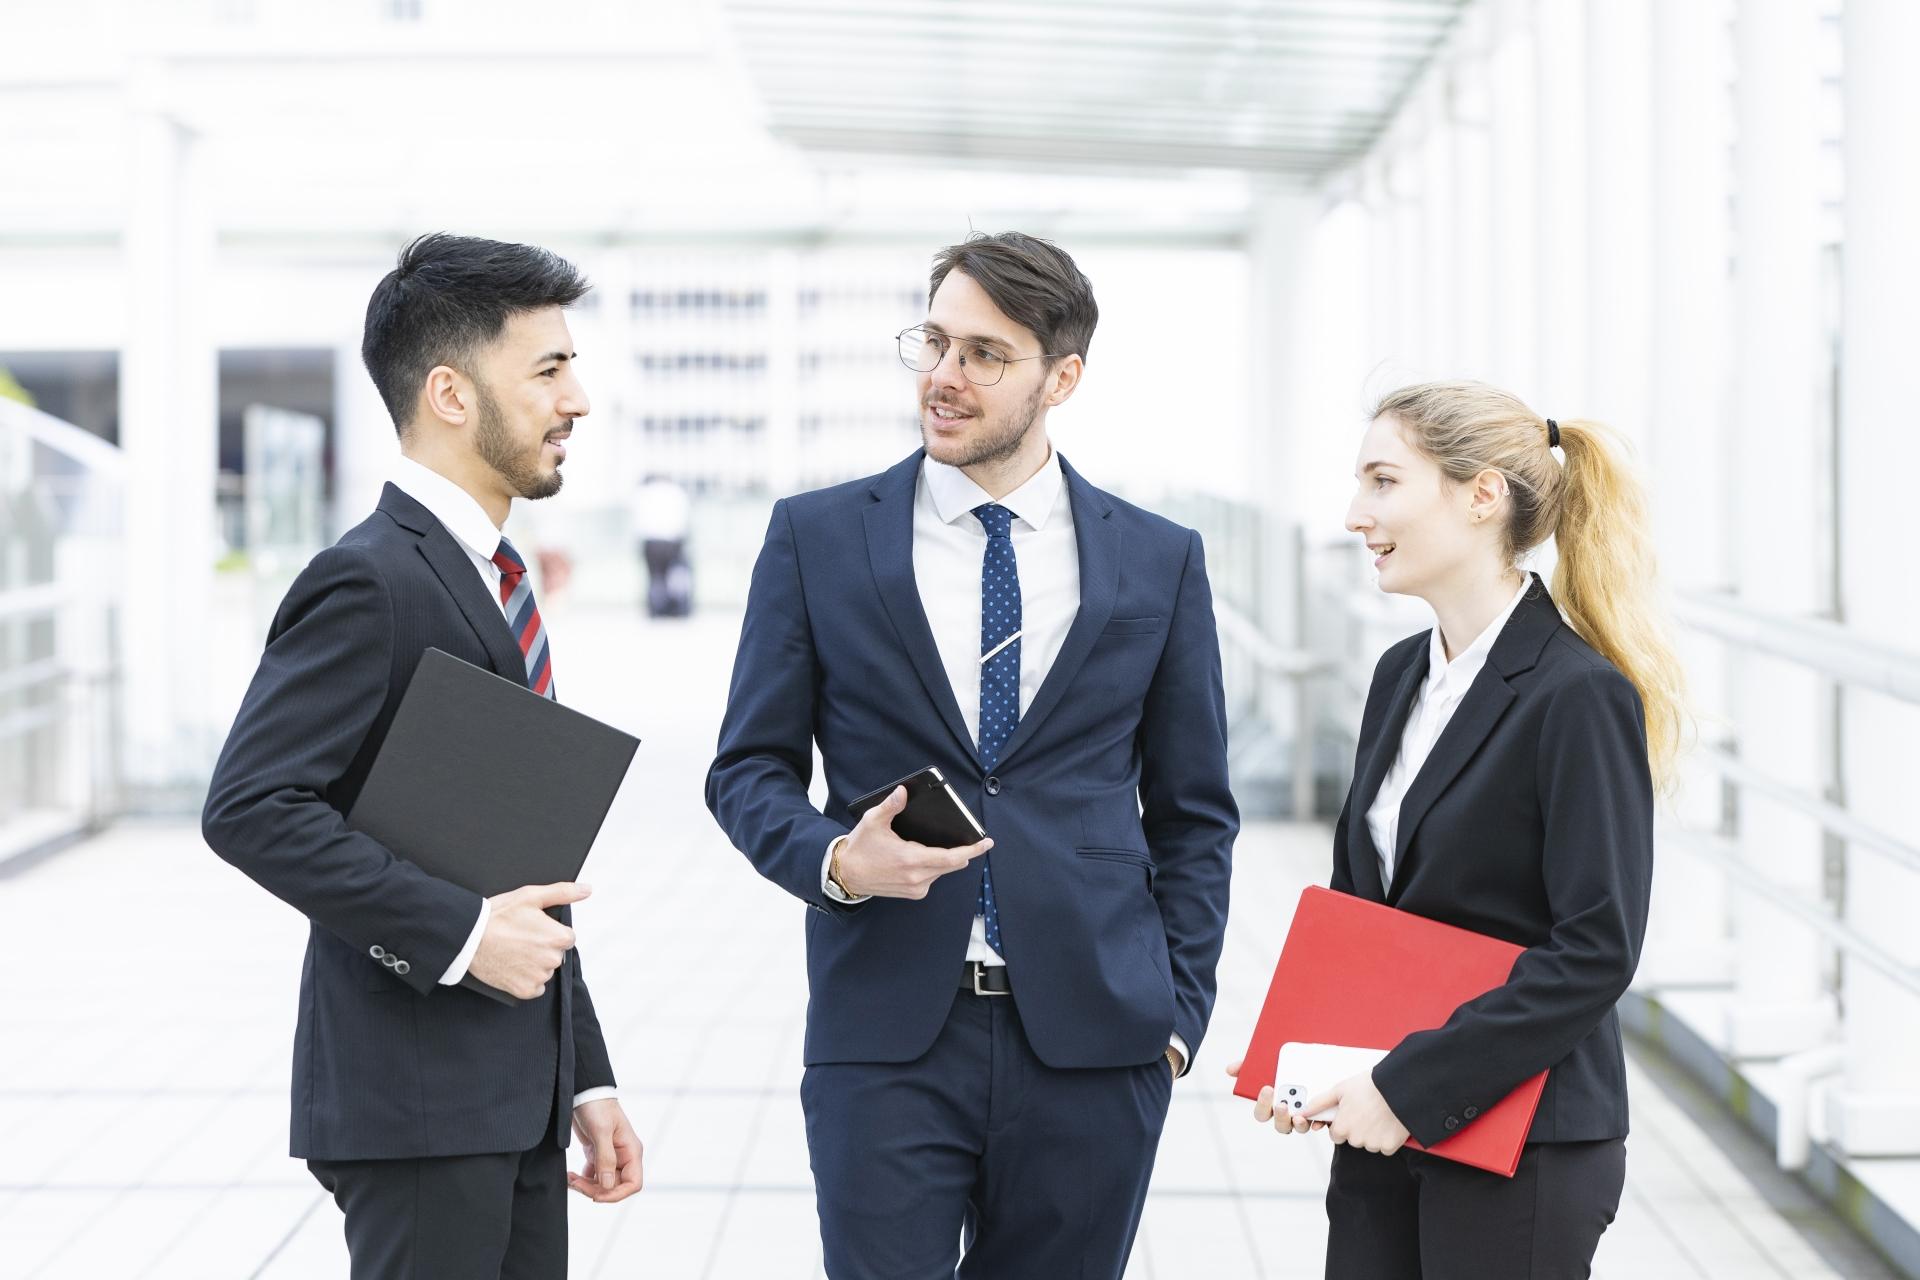 第二新卒で未経験コンサルタントとして転職に成功し活躍する方法